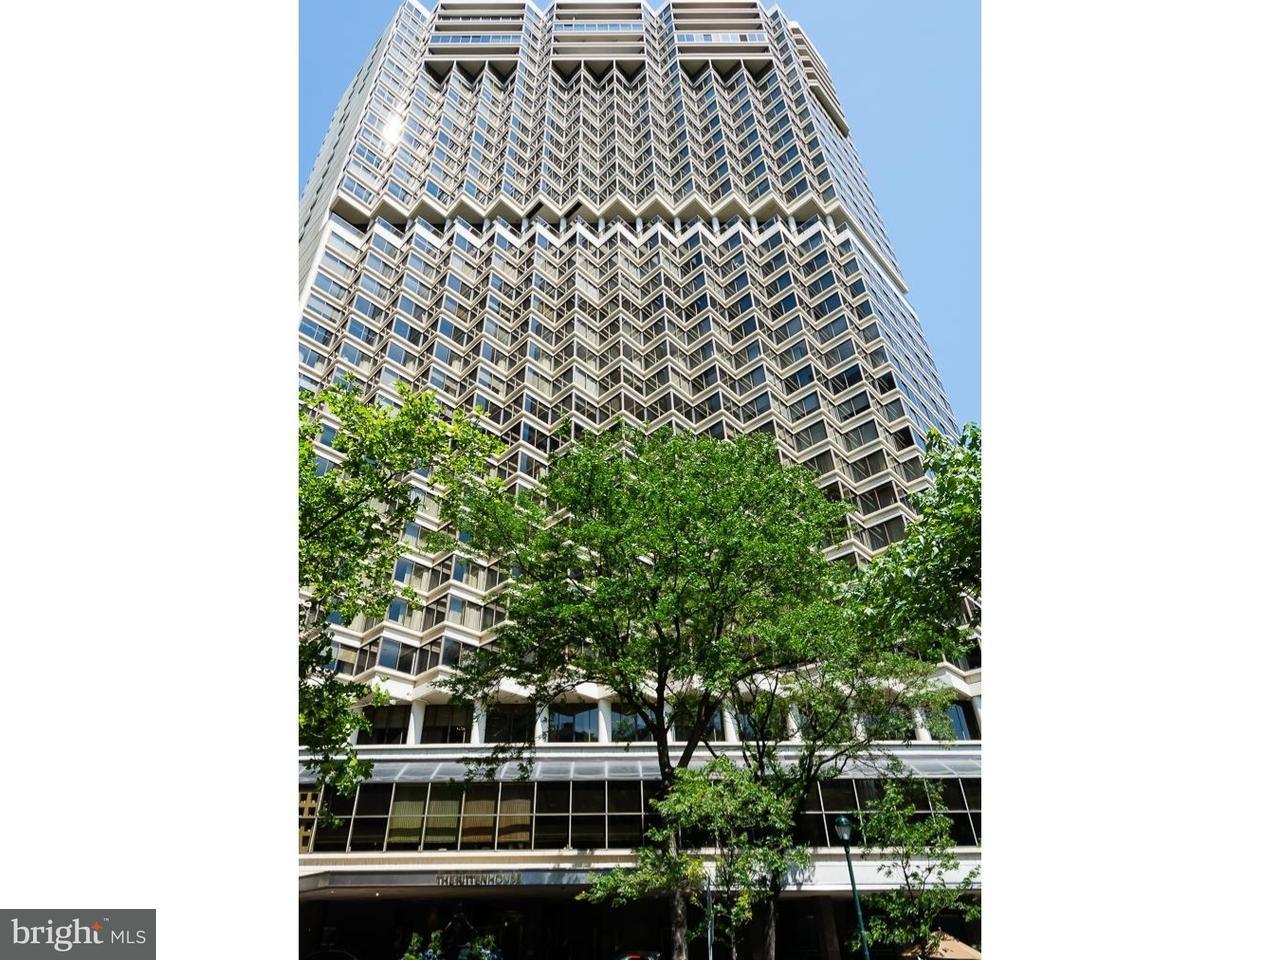 Μονοκατοικία για την Πώληση στο 202-10 W RITTENHOUSE SQ #200506 Philadelphia, Πενσιλβανια 19103 Ηνωμενεσ Πολιτειεσ